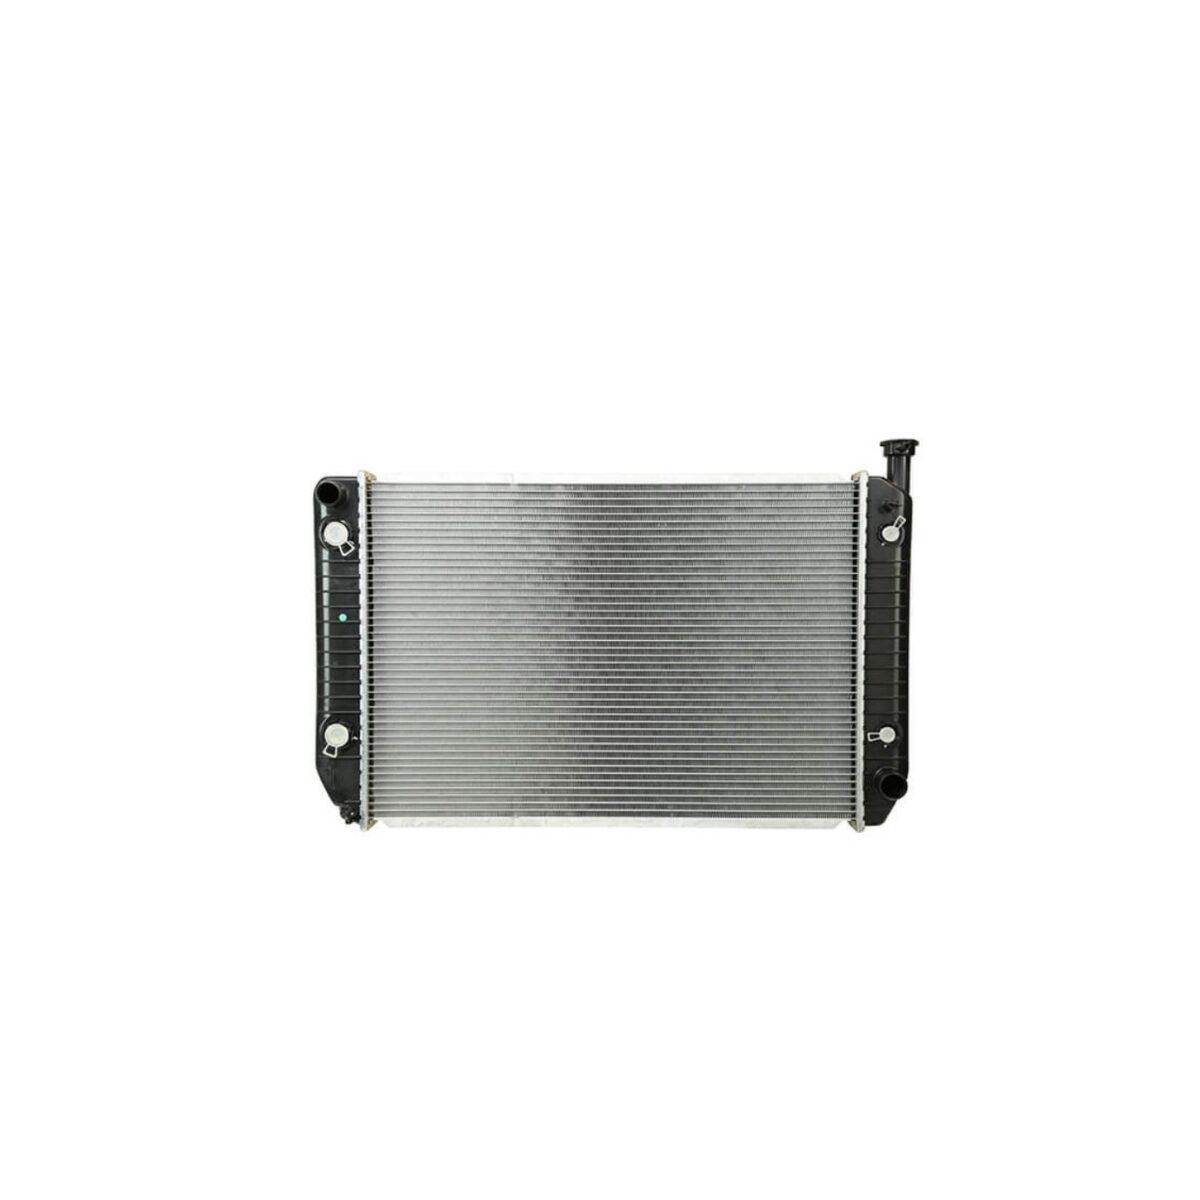 gmc p30p3500 98 08 radiator oem 52473153 2